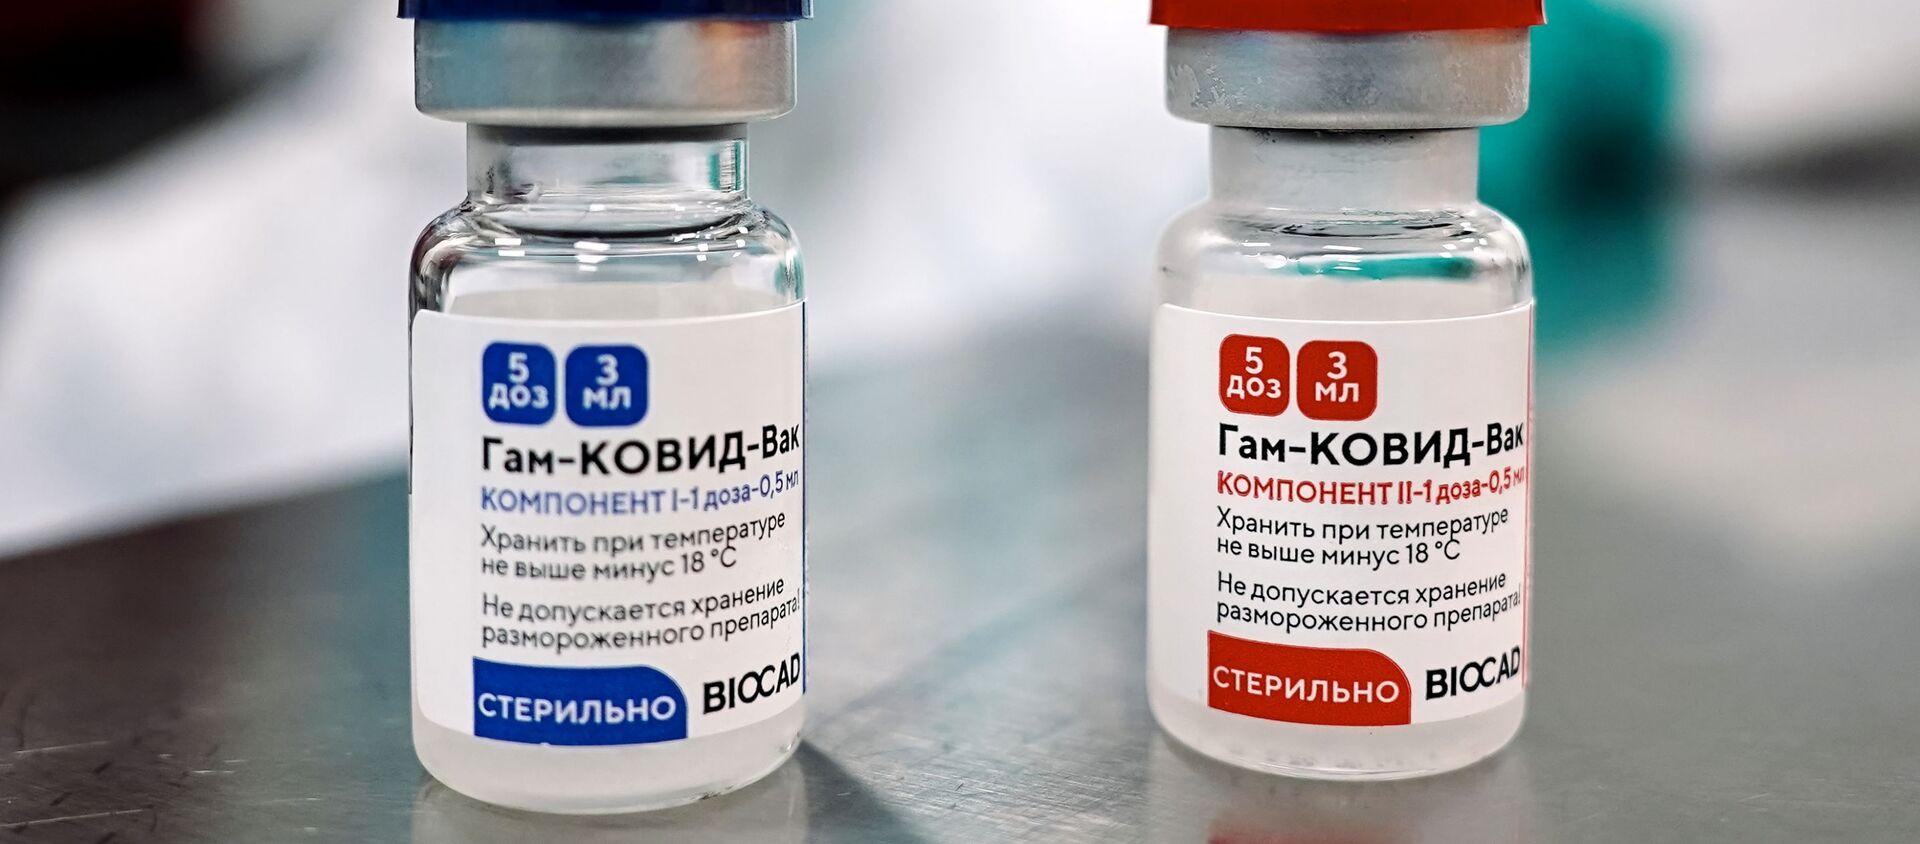 """Produkcja rosyjskiej szczepionki przeciwko COVID-19 """"Sputnik V"""" - Sputnik Polska, 1920, 02.02.2021"""